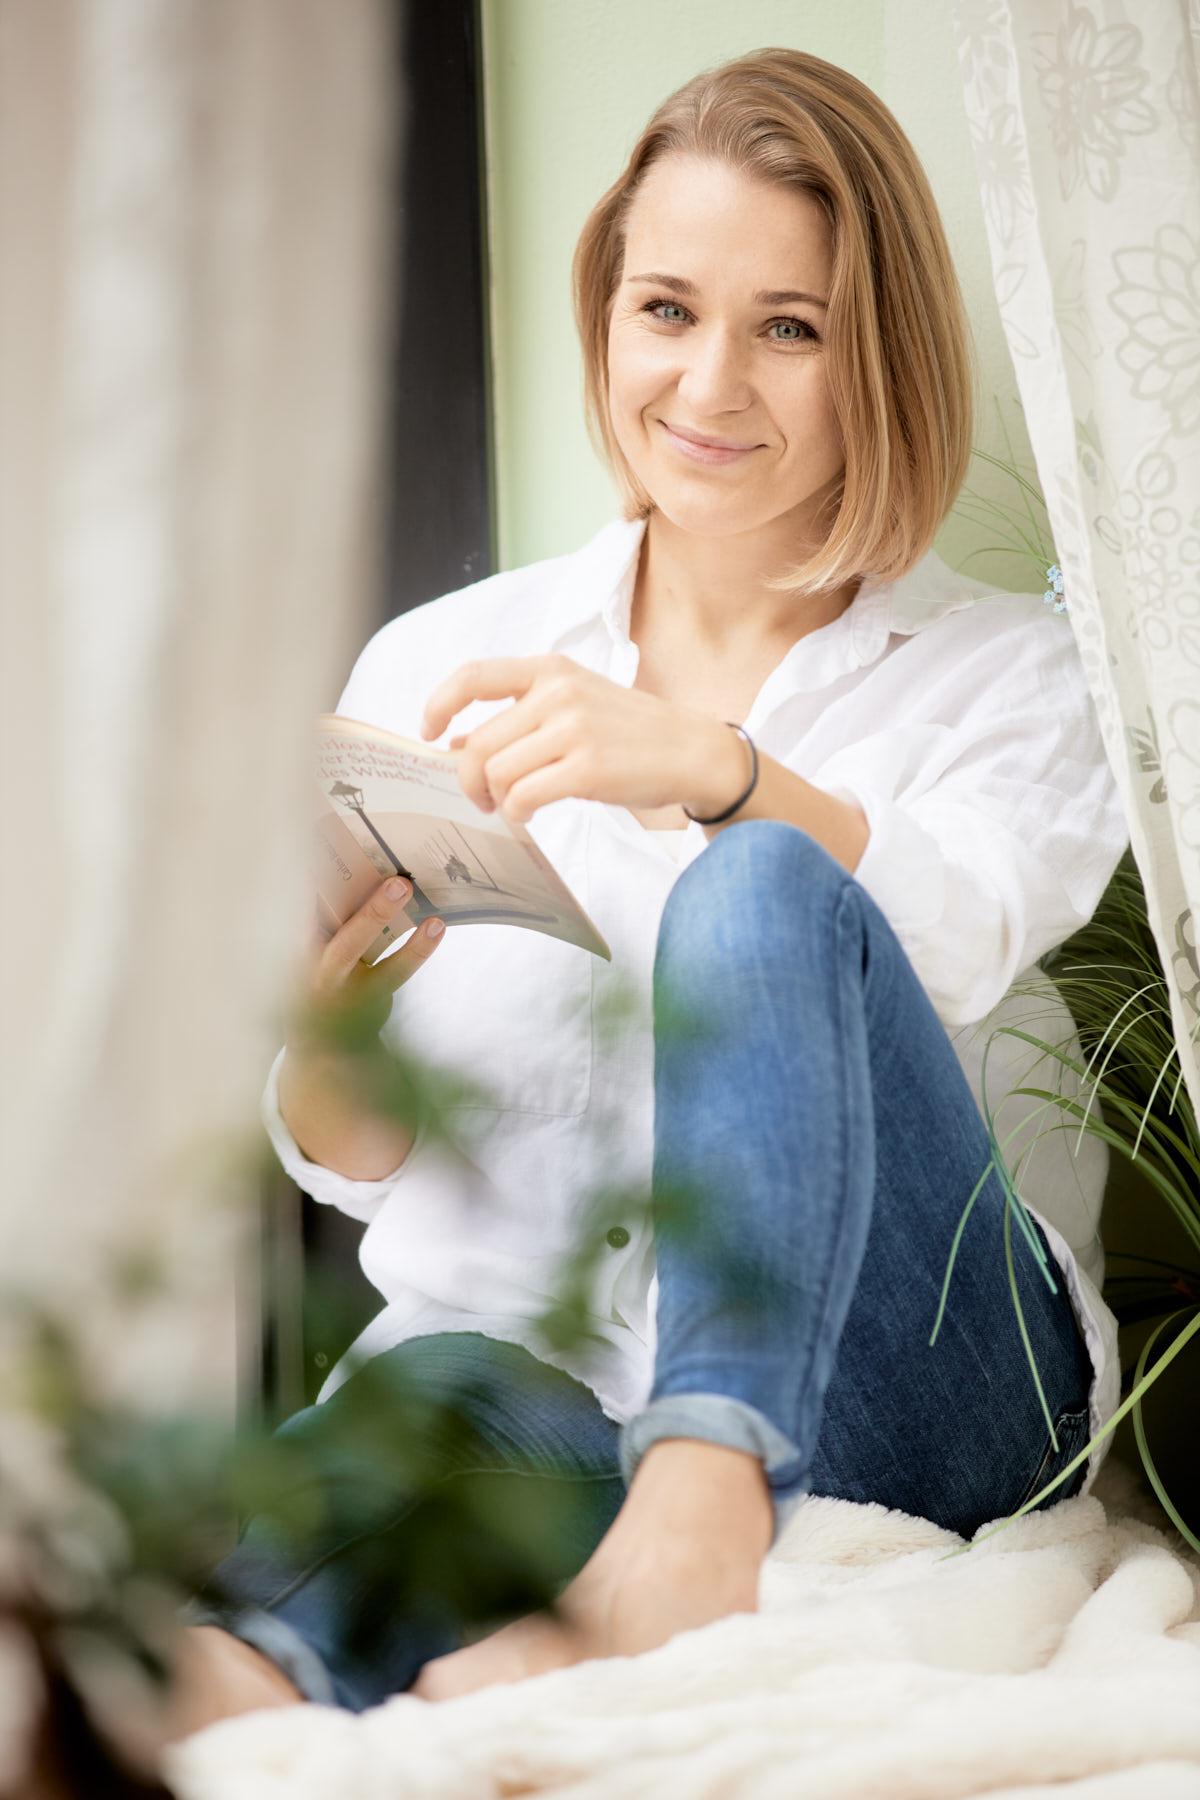 Dating-Foto einer jungen, blonden Frau, die gemütlich an eine Wand gelehnt ein Buch liest